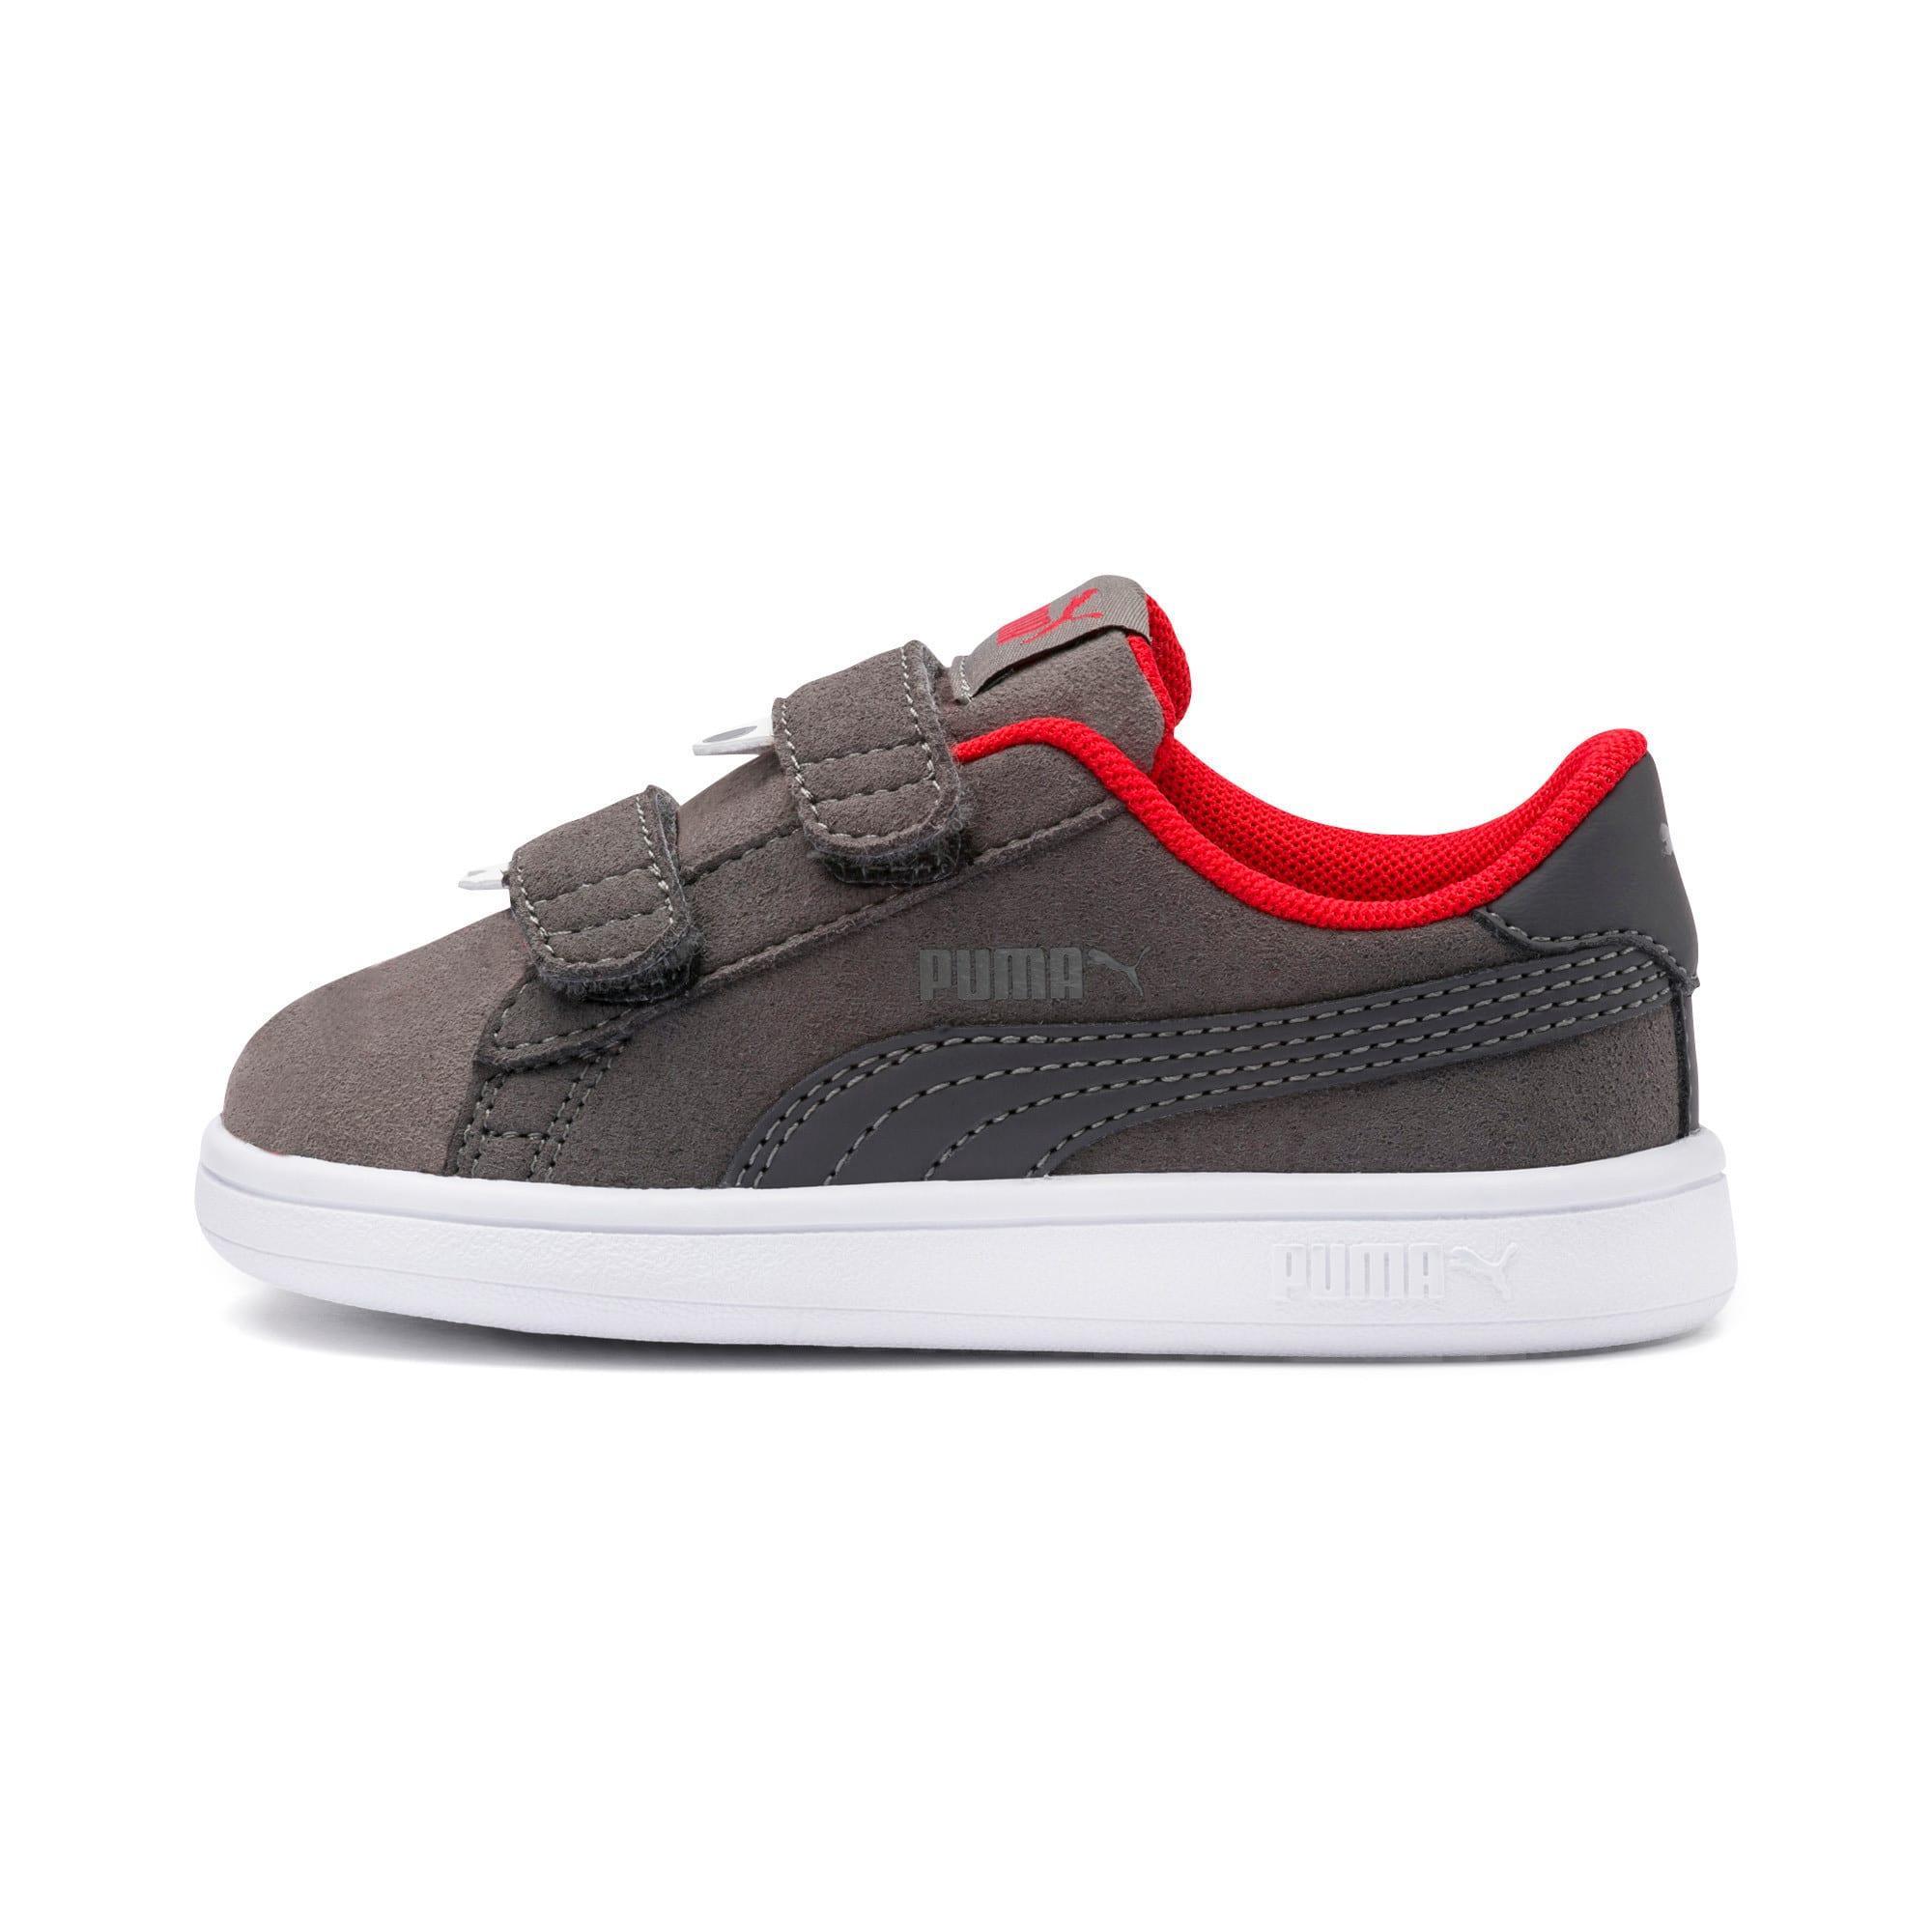 Thumbnail 1 of PUMA Smash v2 Monster Toddler Shoes, Asphalt-C. Gray-Red-White, medium